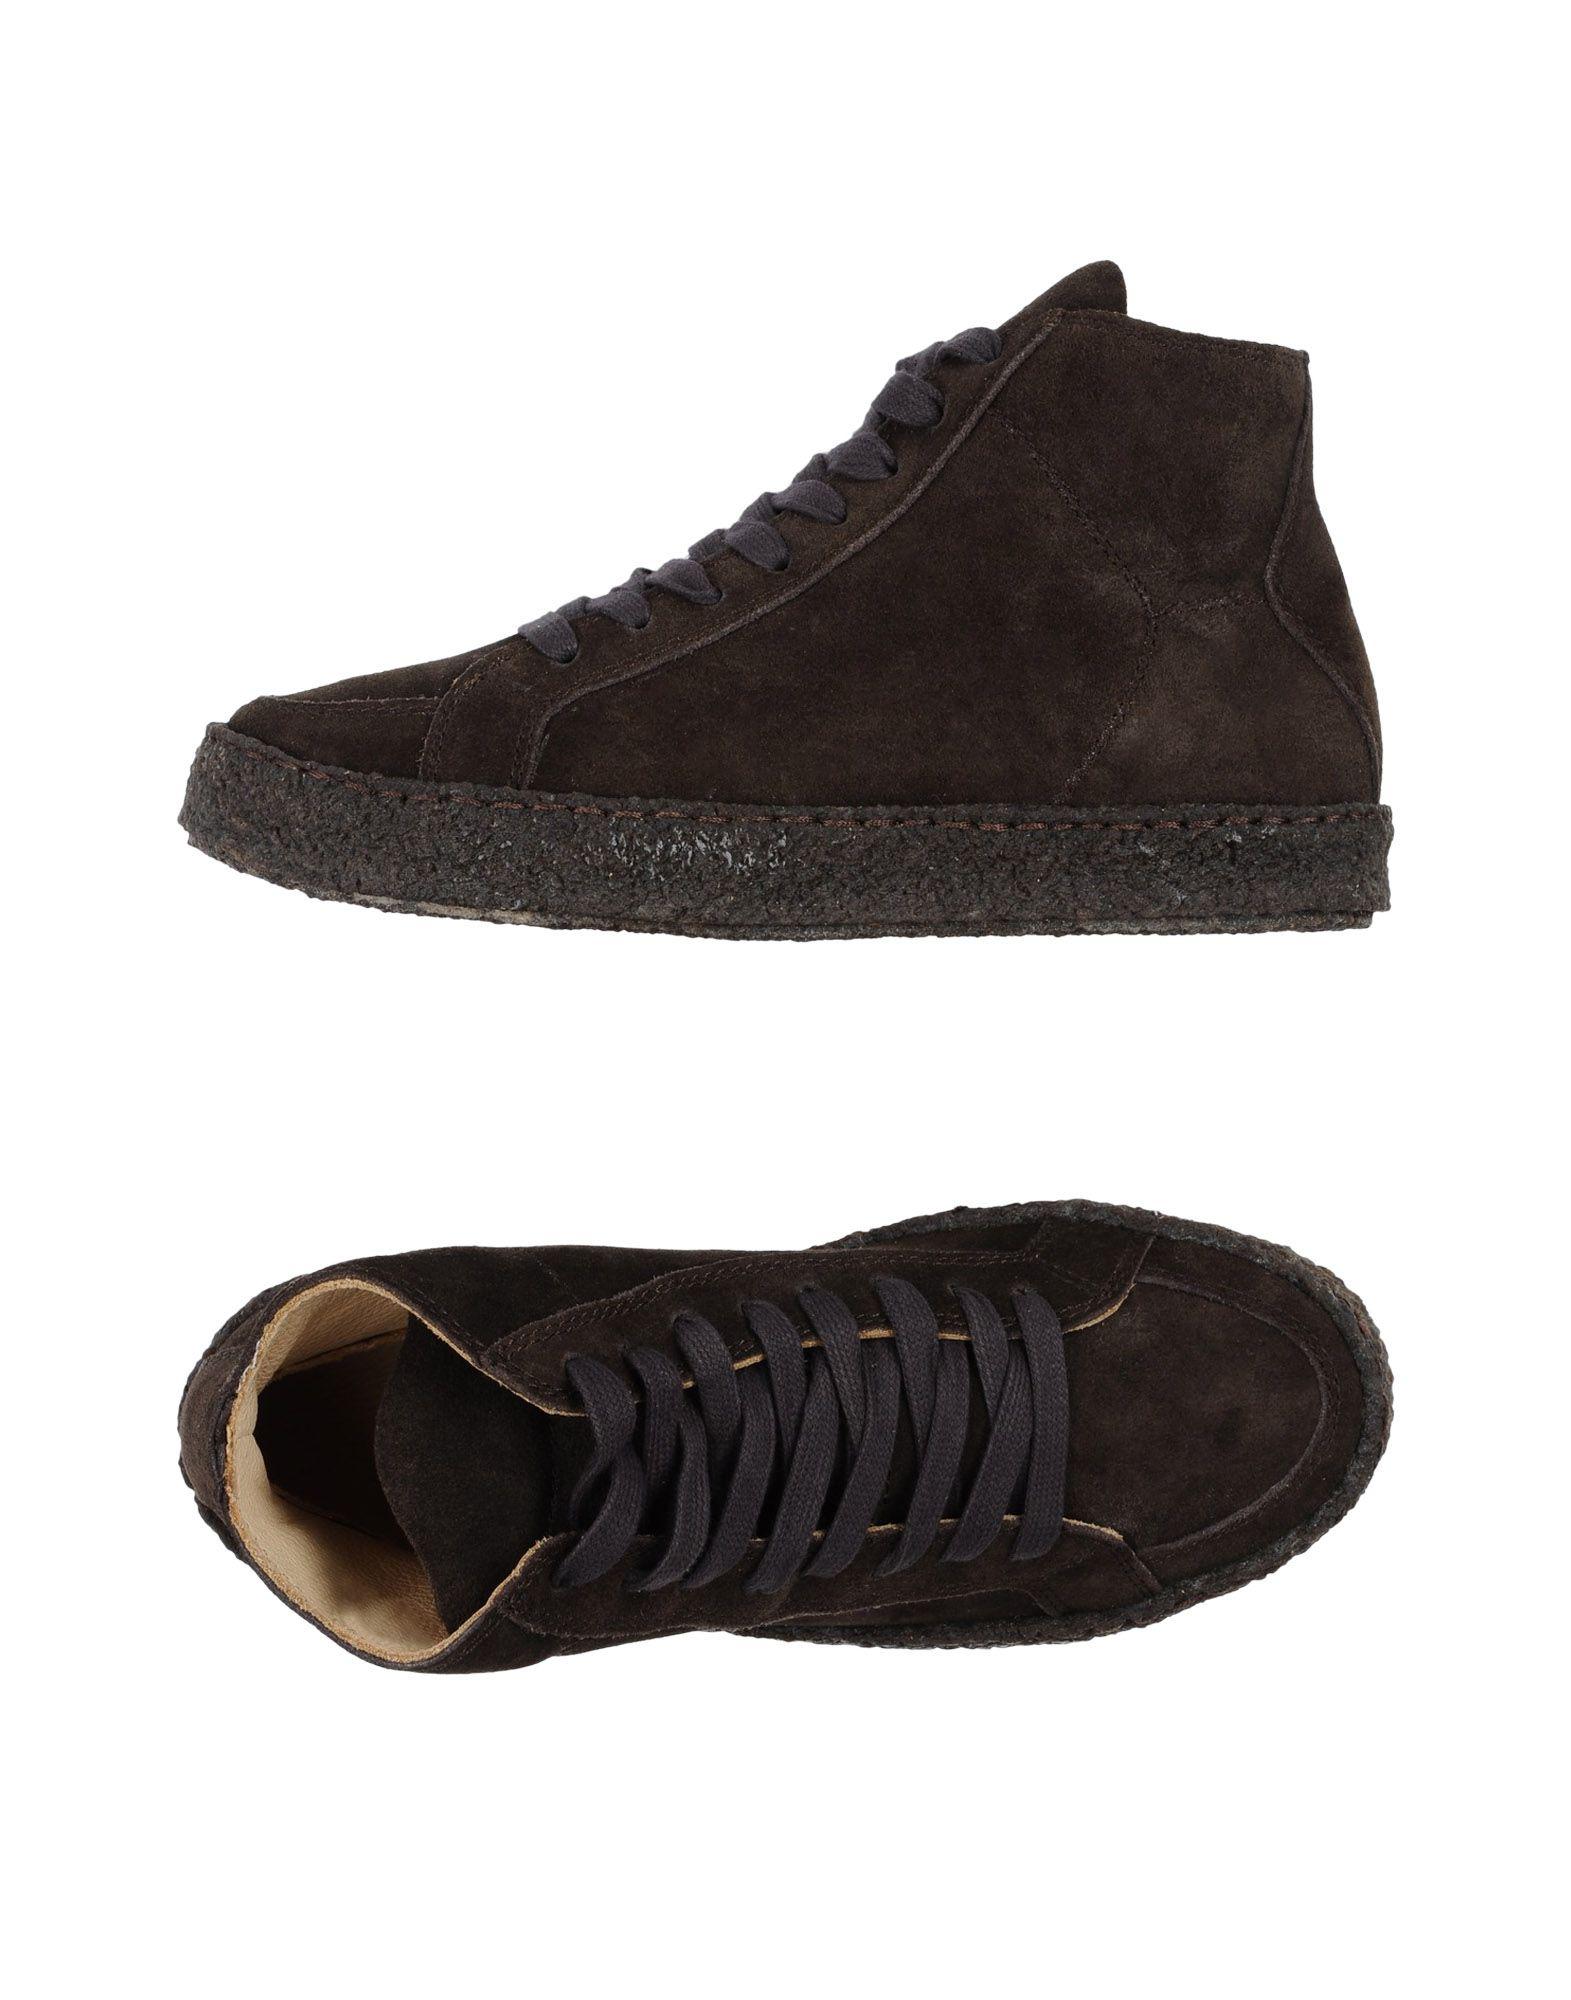 Pantofola D'oro Sneakers Damen  11339706GD Gute Qualität beliebte Schuhe